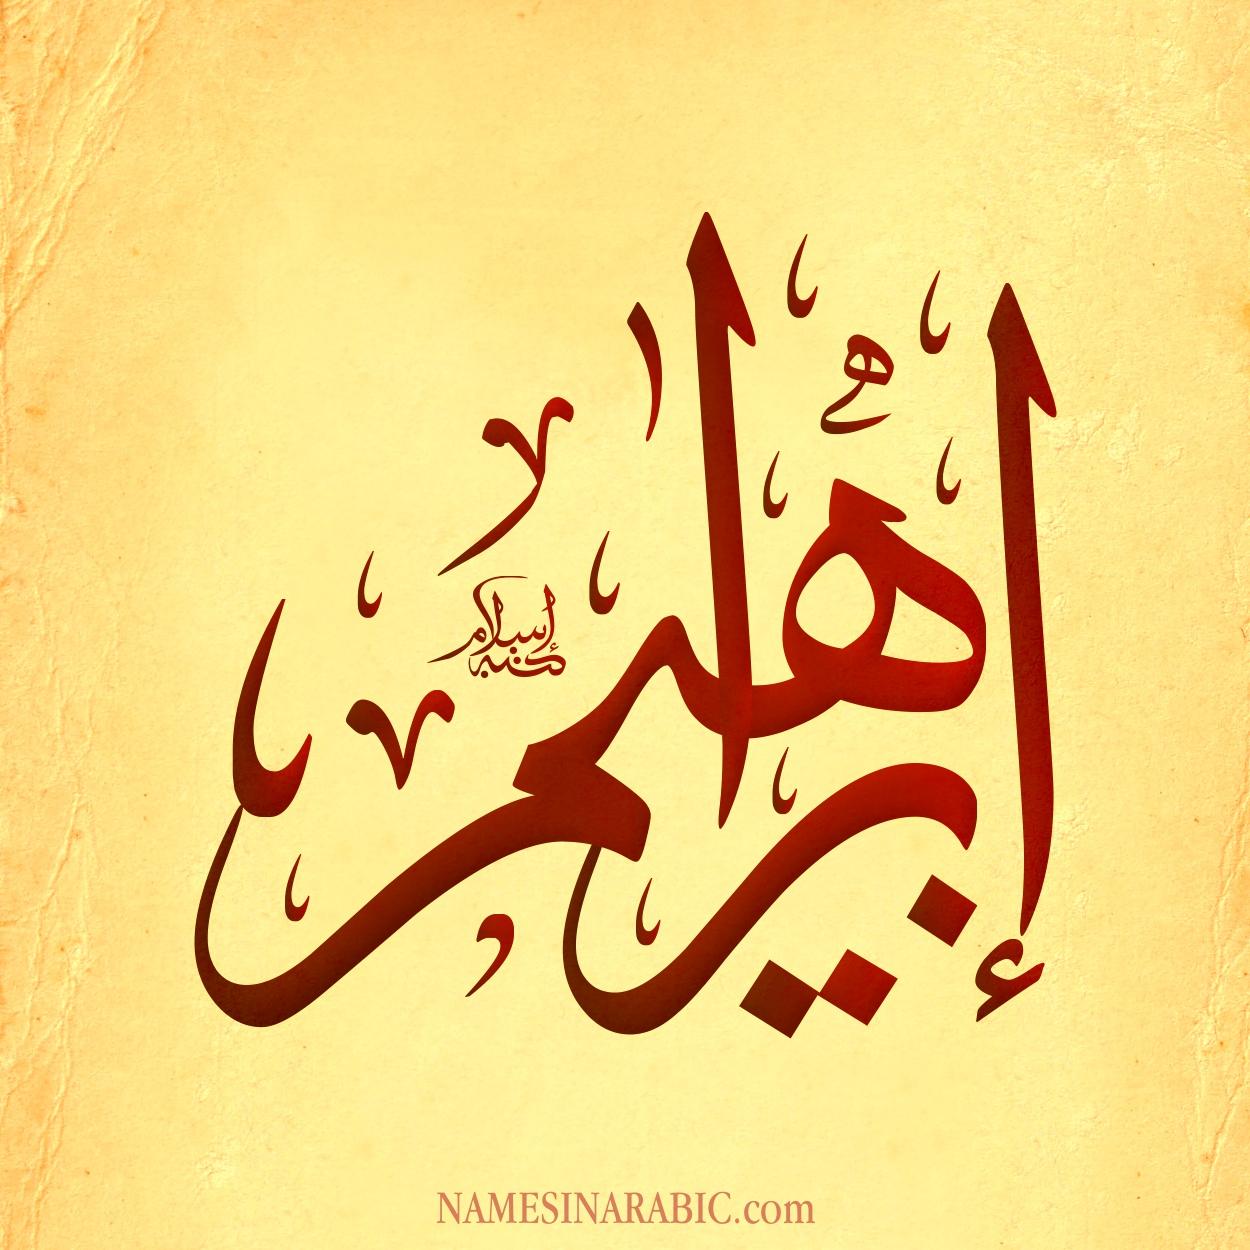 صورة اسم ابراهيم Ibrahim اسم ابراهيم بالخط العربي من موقع الأسماء بالخط العربي بريشة الفنان إسلام ابن الفضل